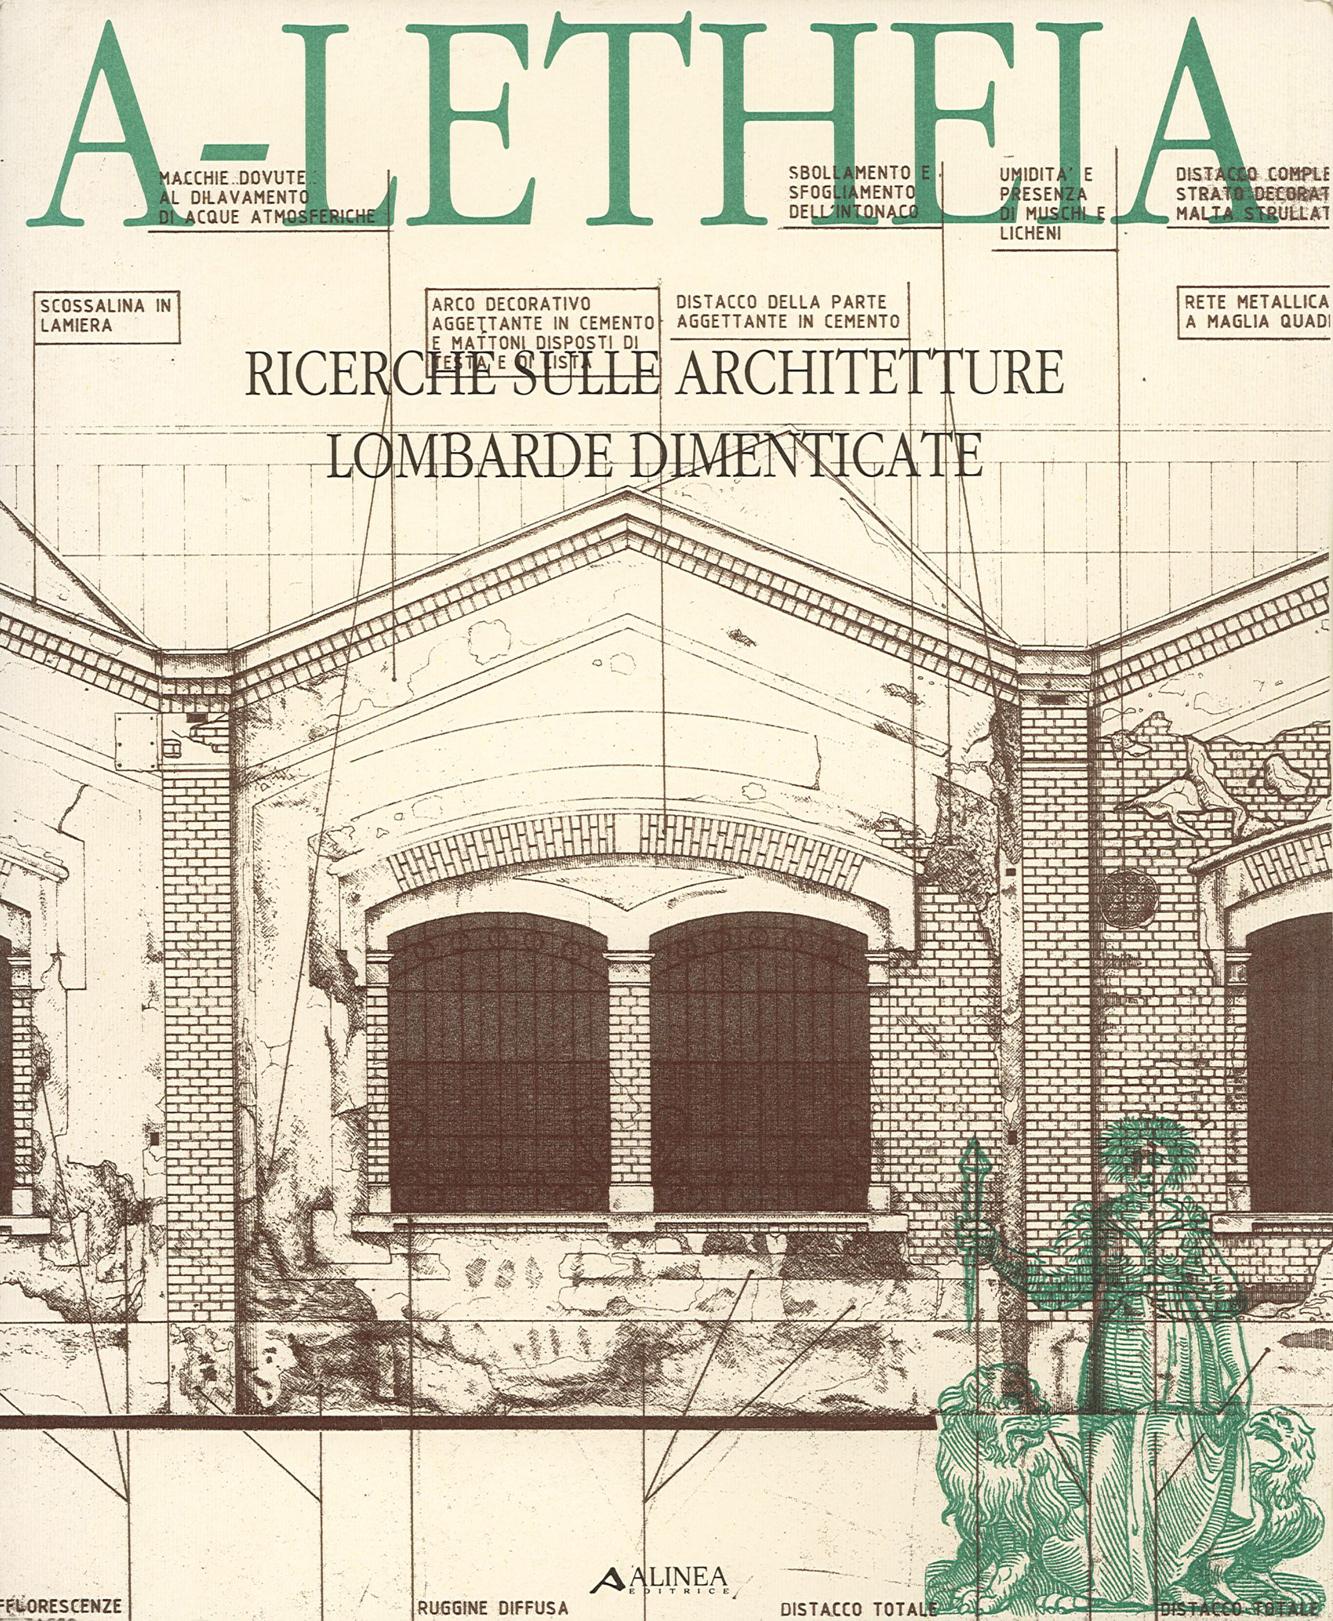 Pubblicazioni - A-Letheia - oberti+ob